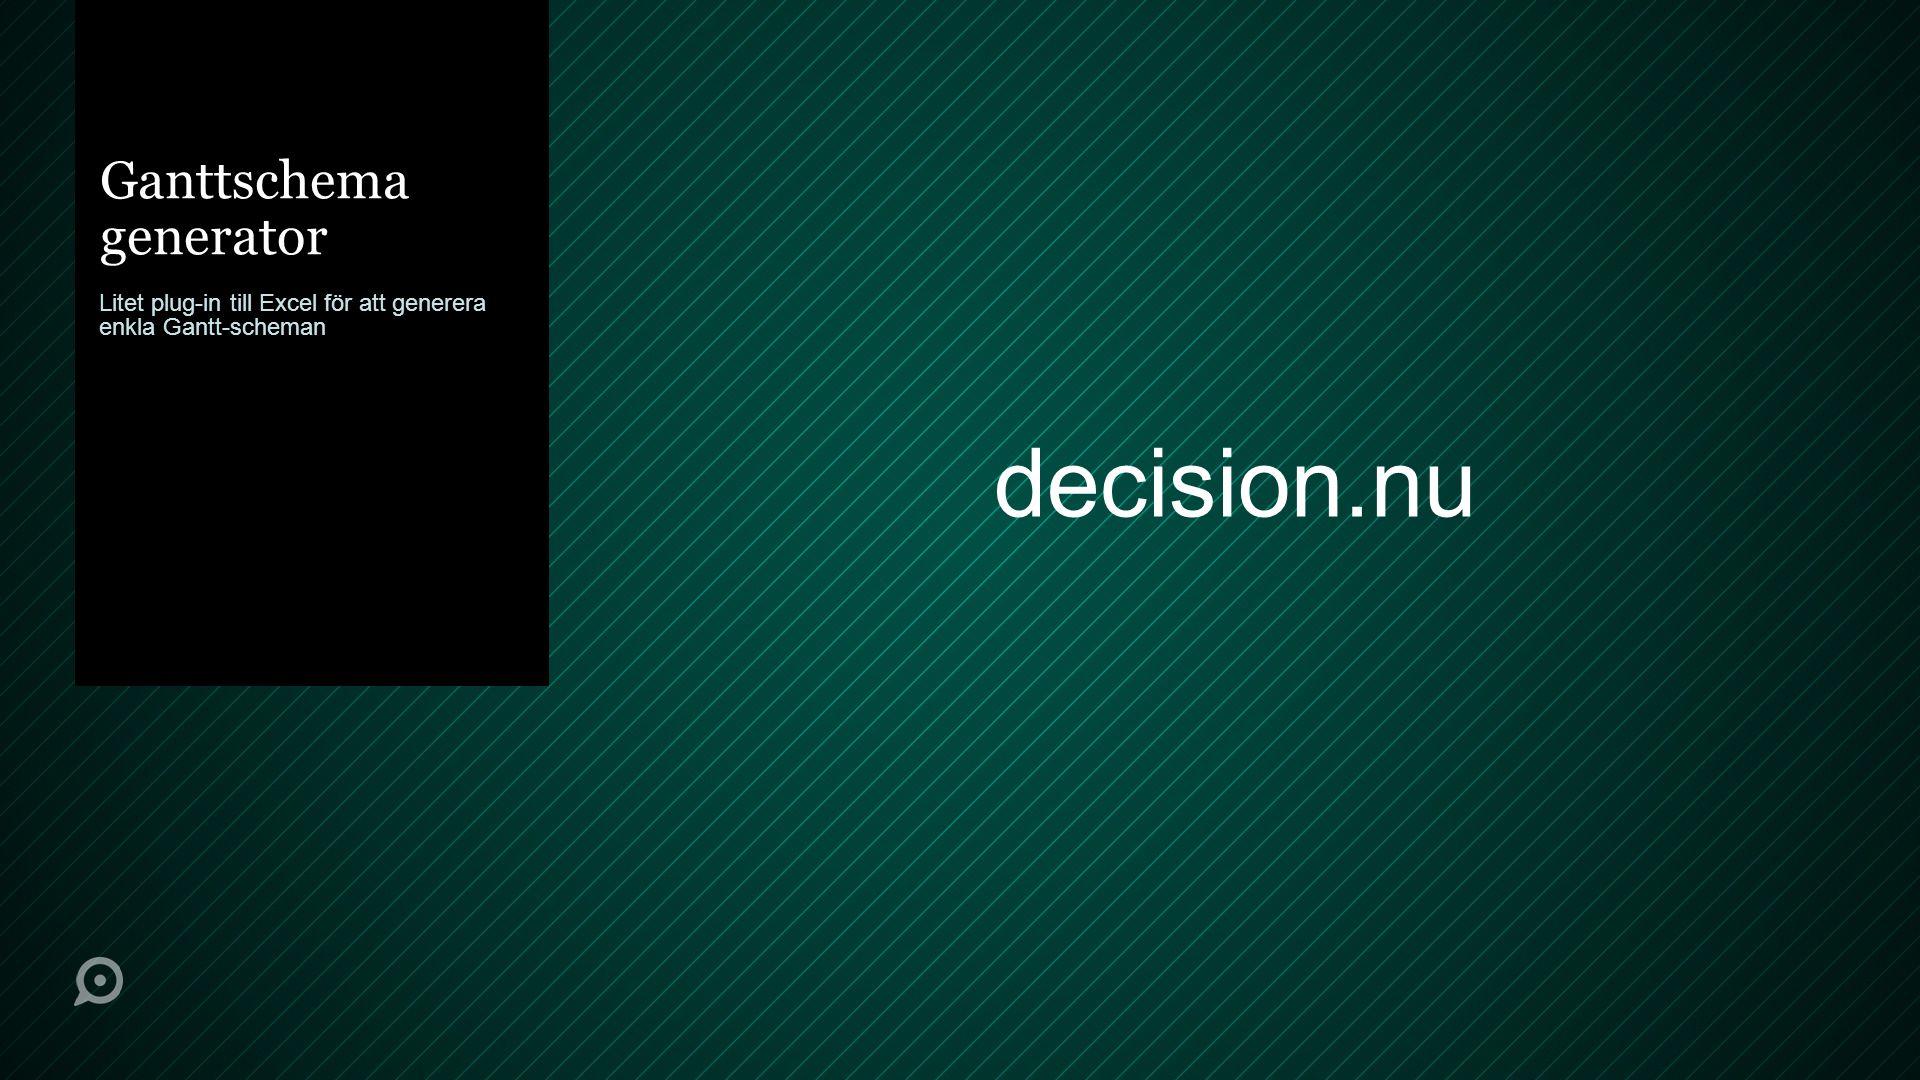 Ganttschema generator Litet plug-in till Excel för att generera enkla Gantt-scheman decision.nu